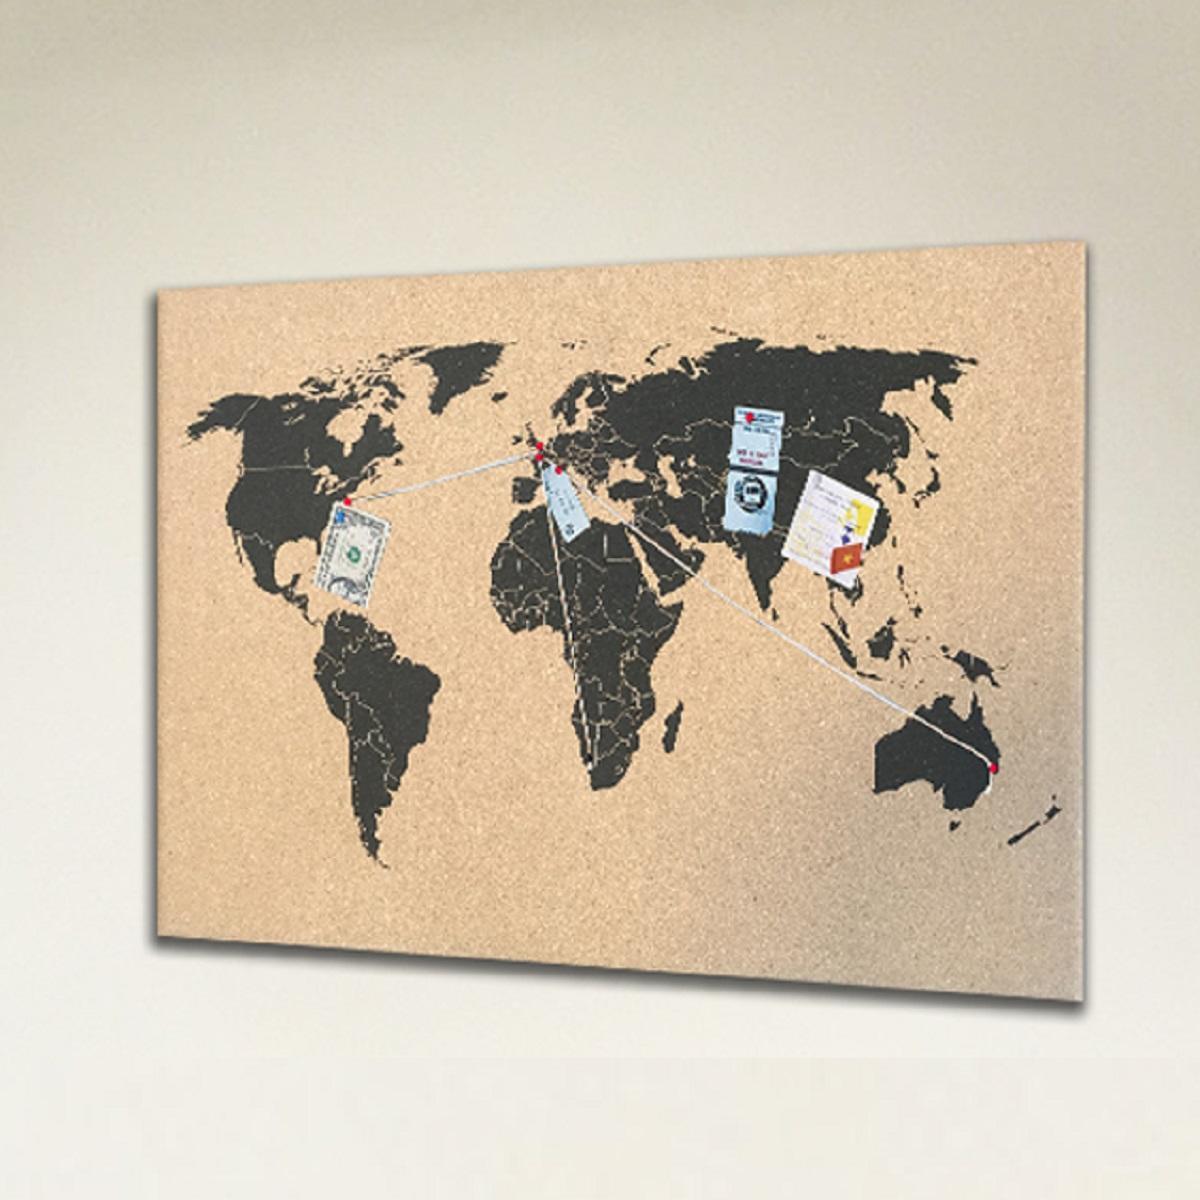 Bacheca World multicolore 60x40 cm - 1